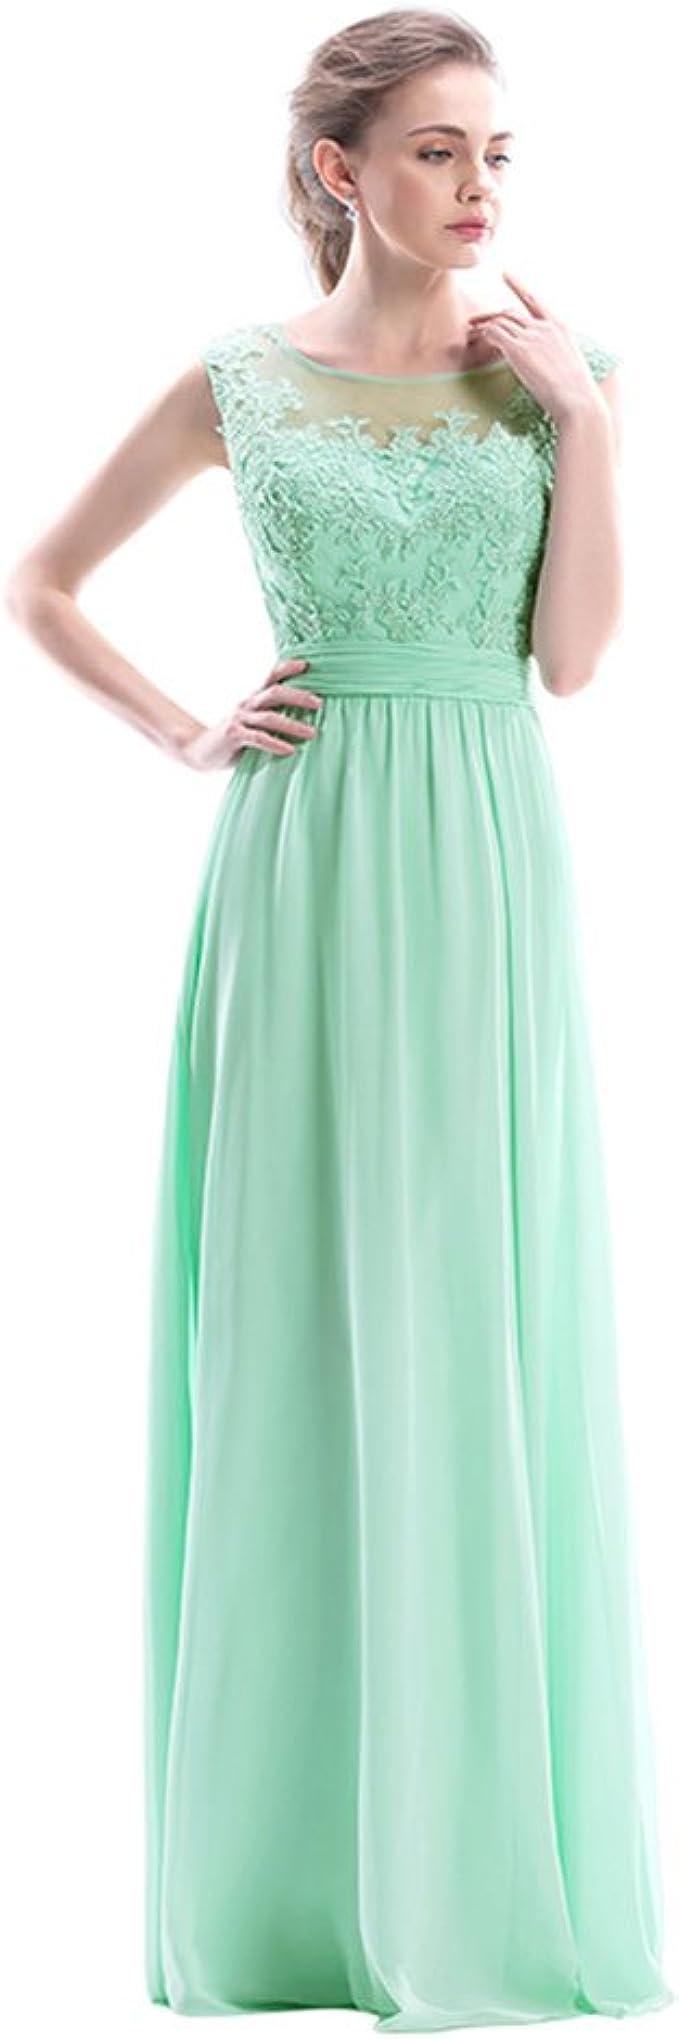 Belicia Langes Abendkleid Spitze Abiballkleid Festlich Damen Kleid